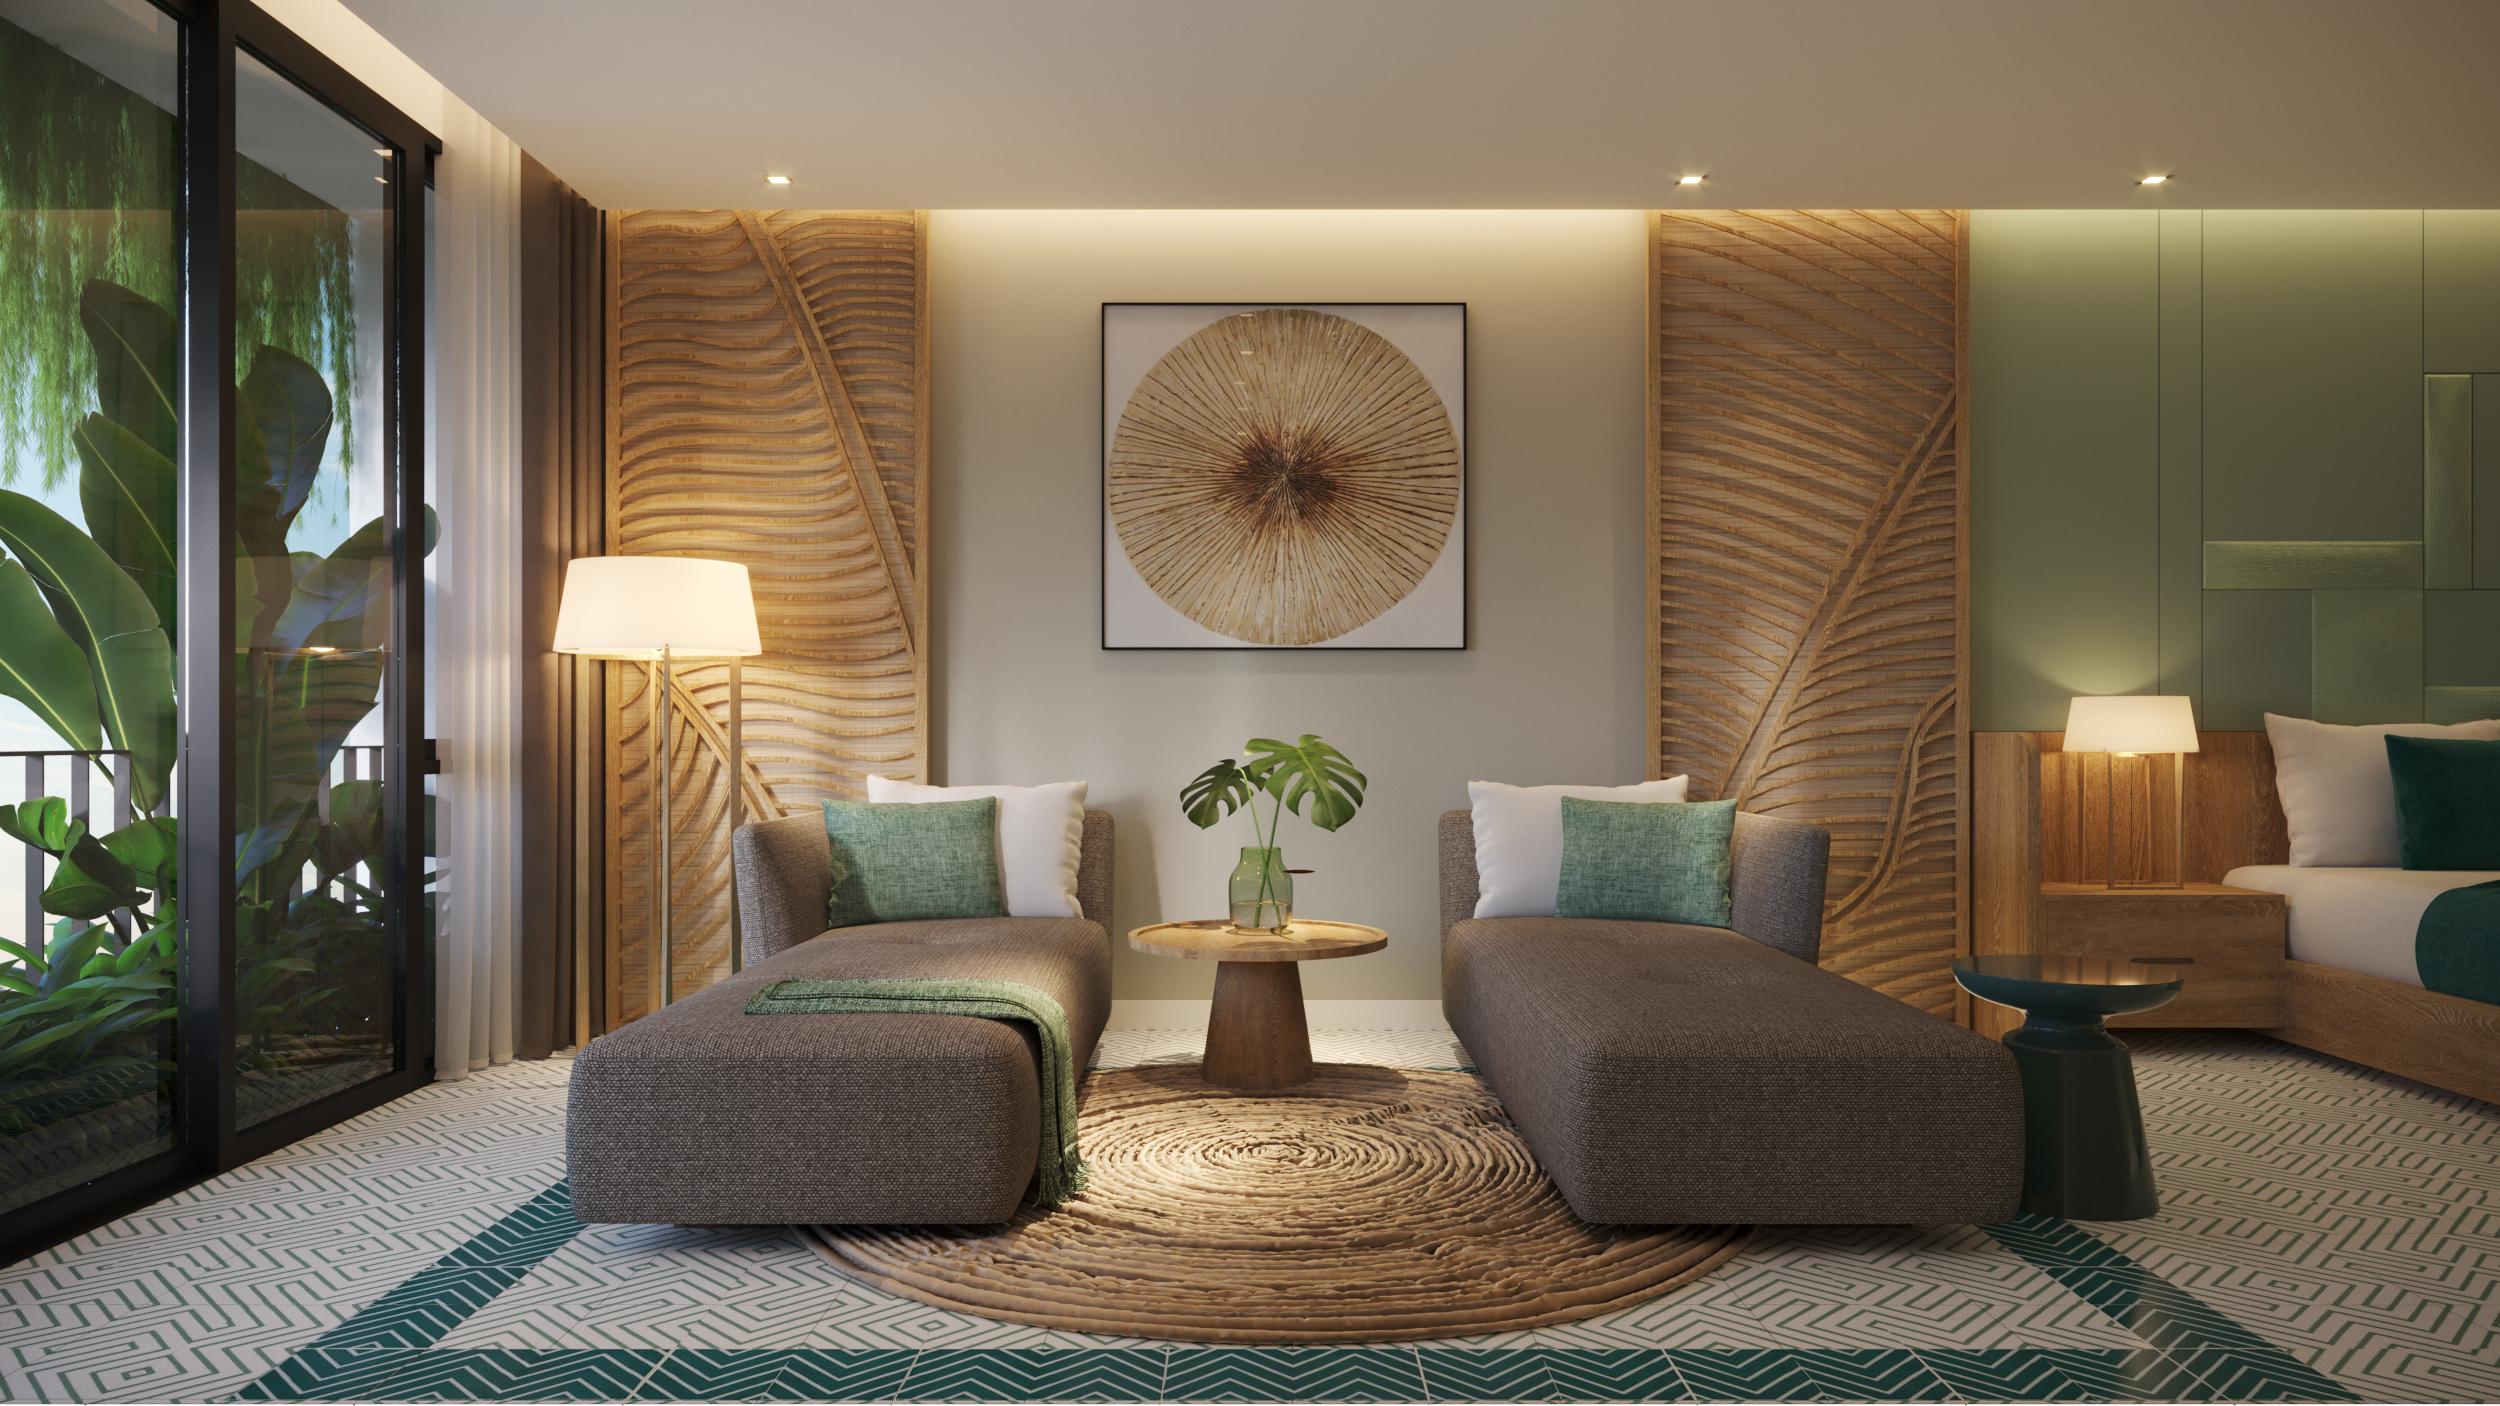 Thiết kế nội thất Khách Sạn tại Đà Nẵng CASAMIA AP2 HOI AN 1587708632 4